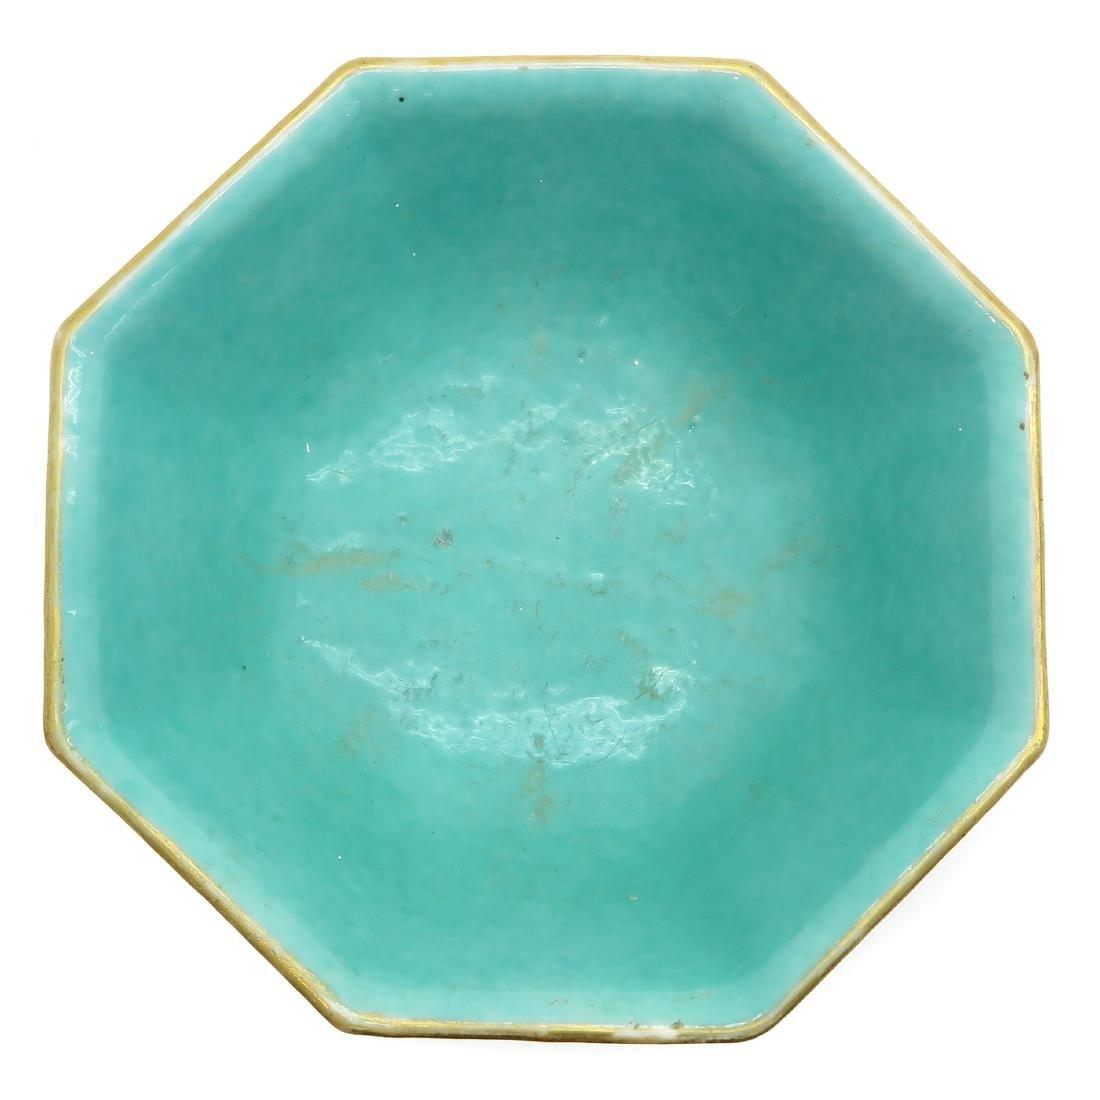 Altar Dish - 4